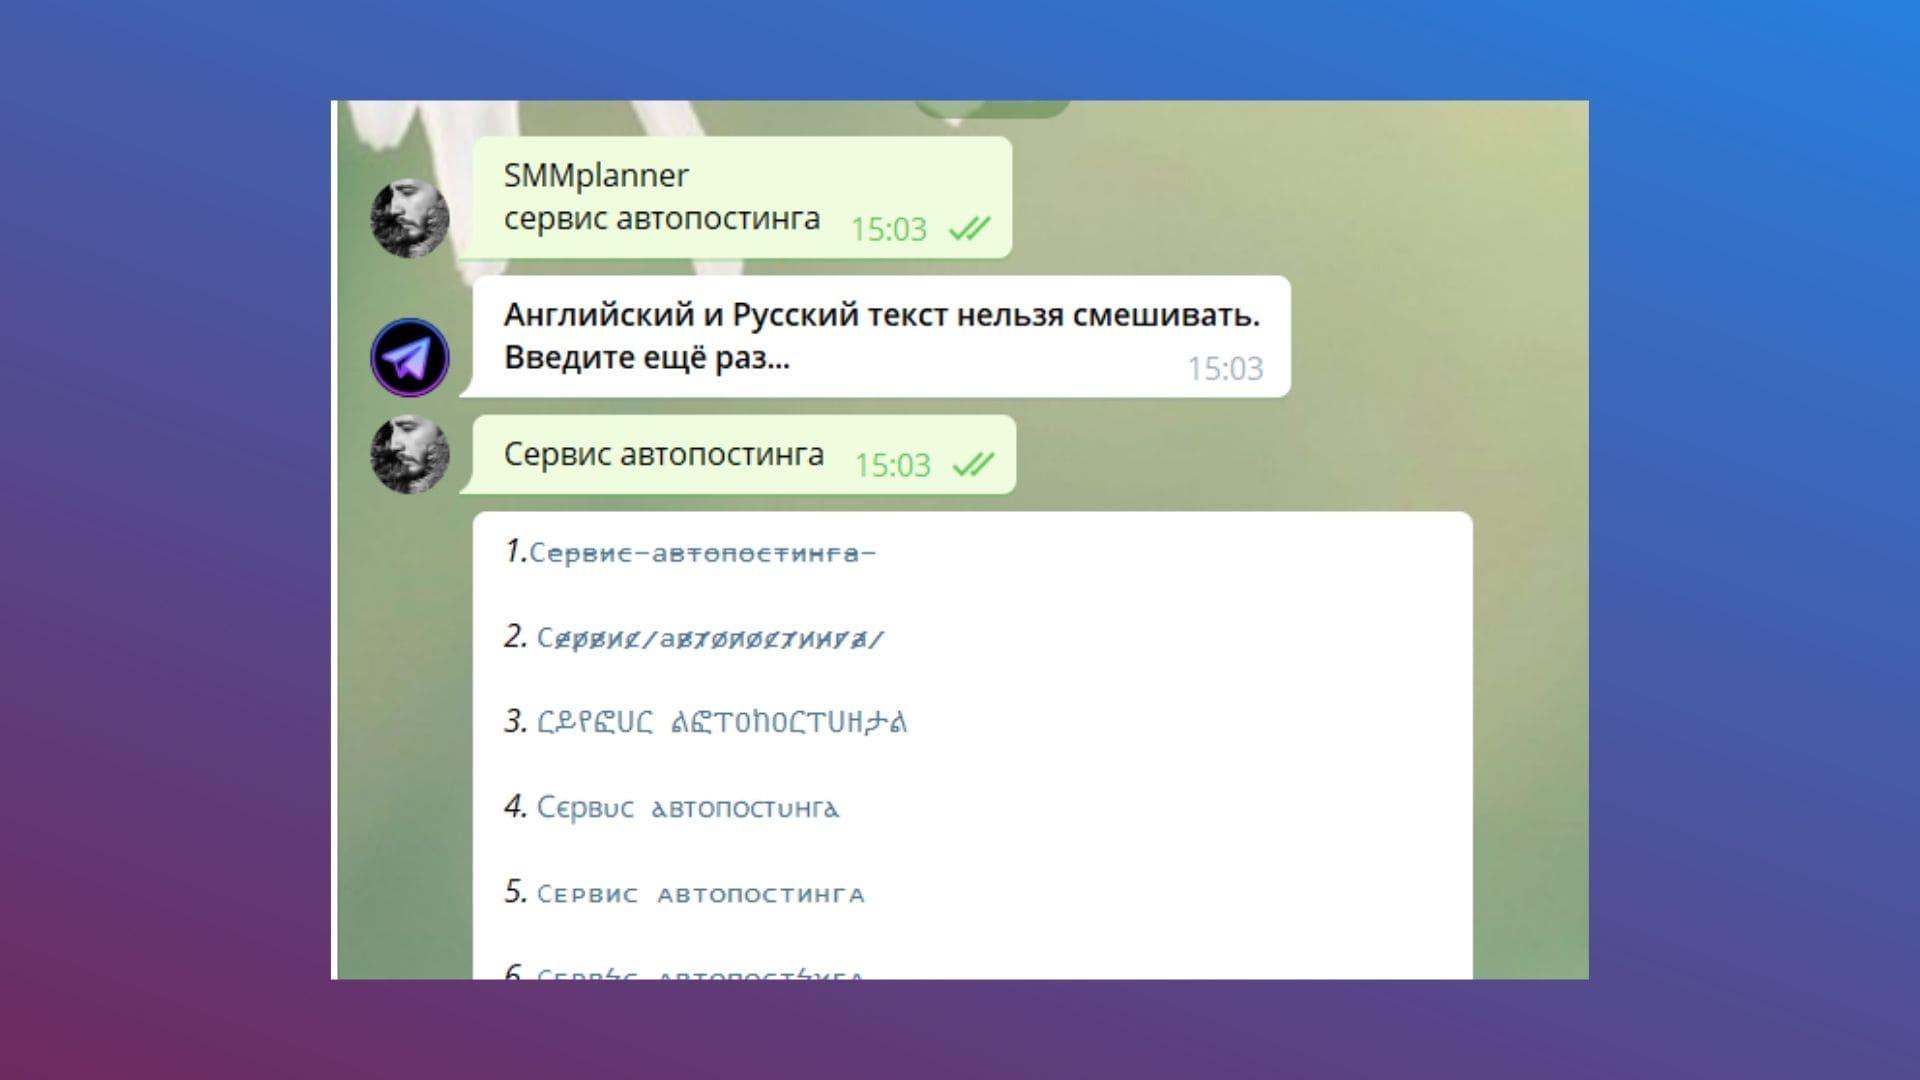 Русский и английский шрифт, к сожалению, совмещать нельзя